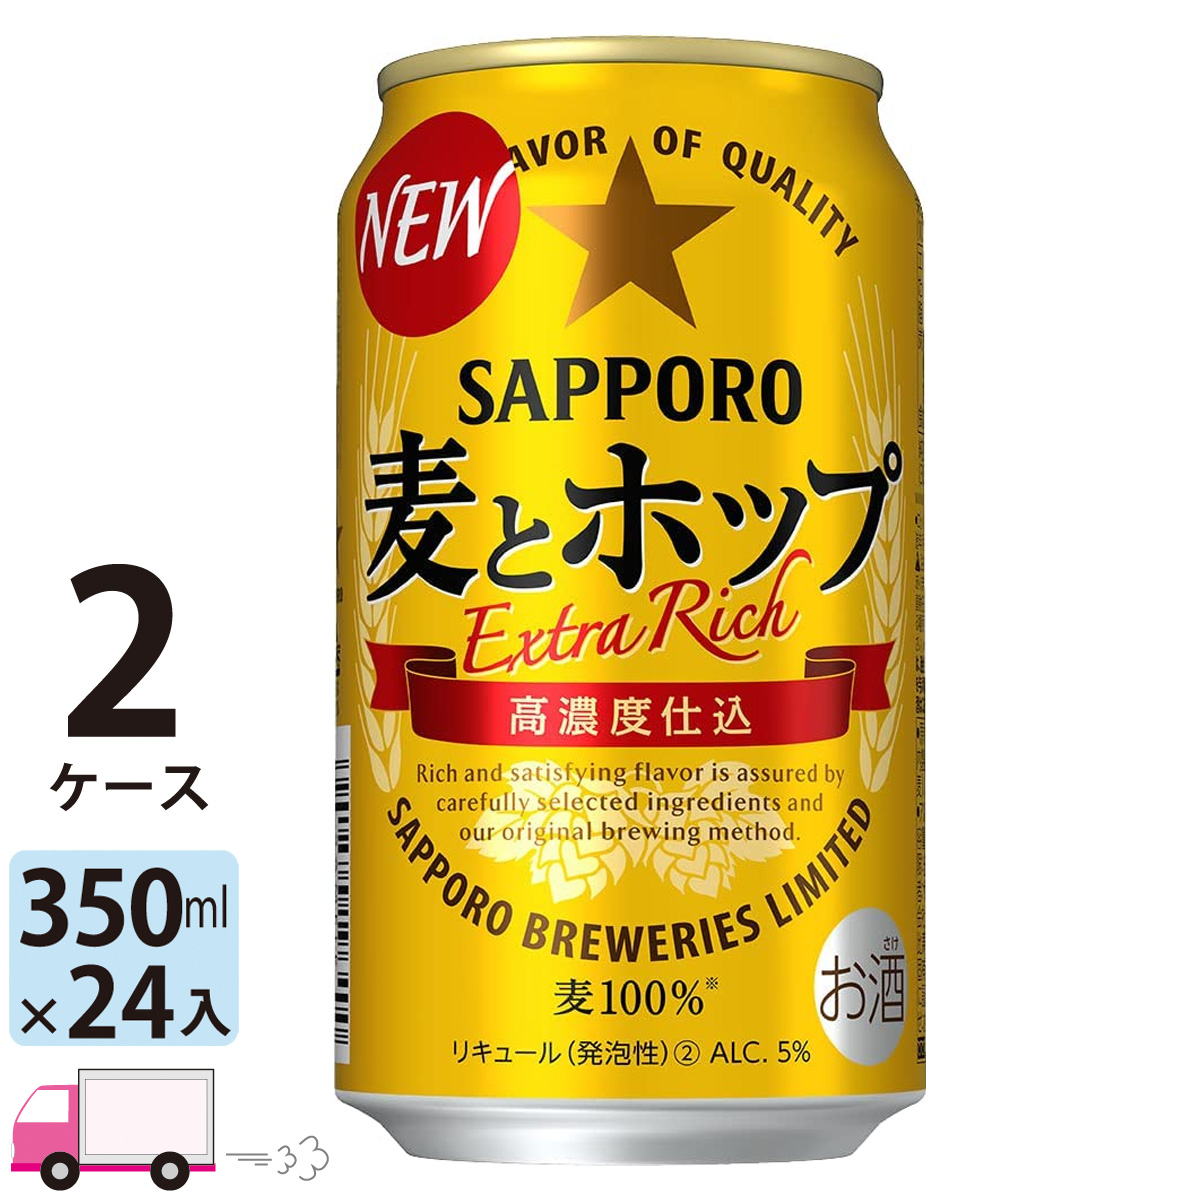 発売以来、「麦」と「ホップ」だけでつくることを貫いてきた麦とホップ。 送料無料 サッポロ ビール 麦とホップ 350ml 24缶入 2ケース (48本)